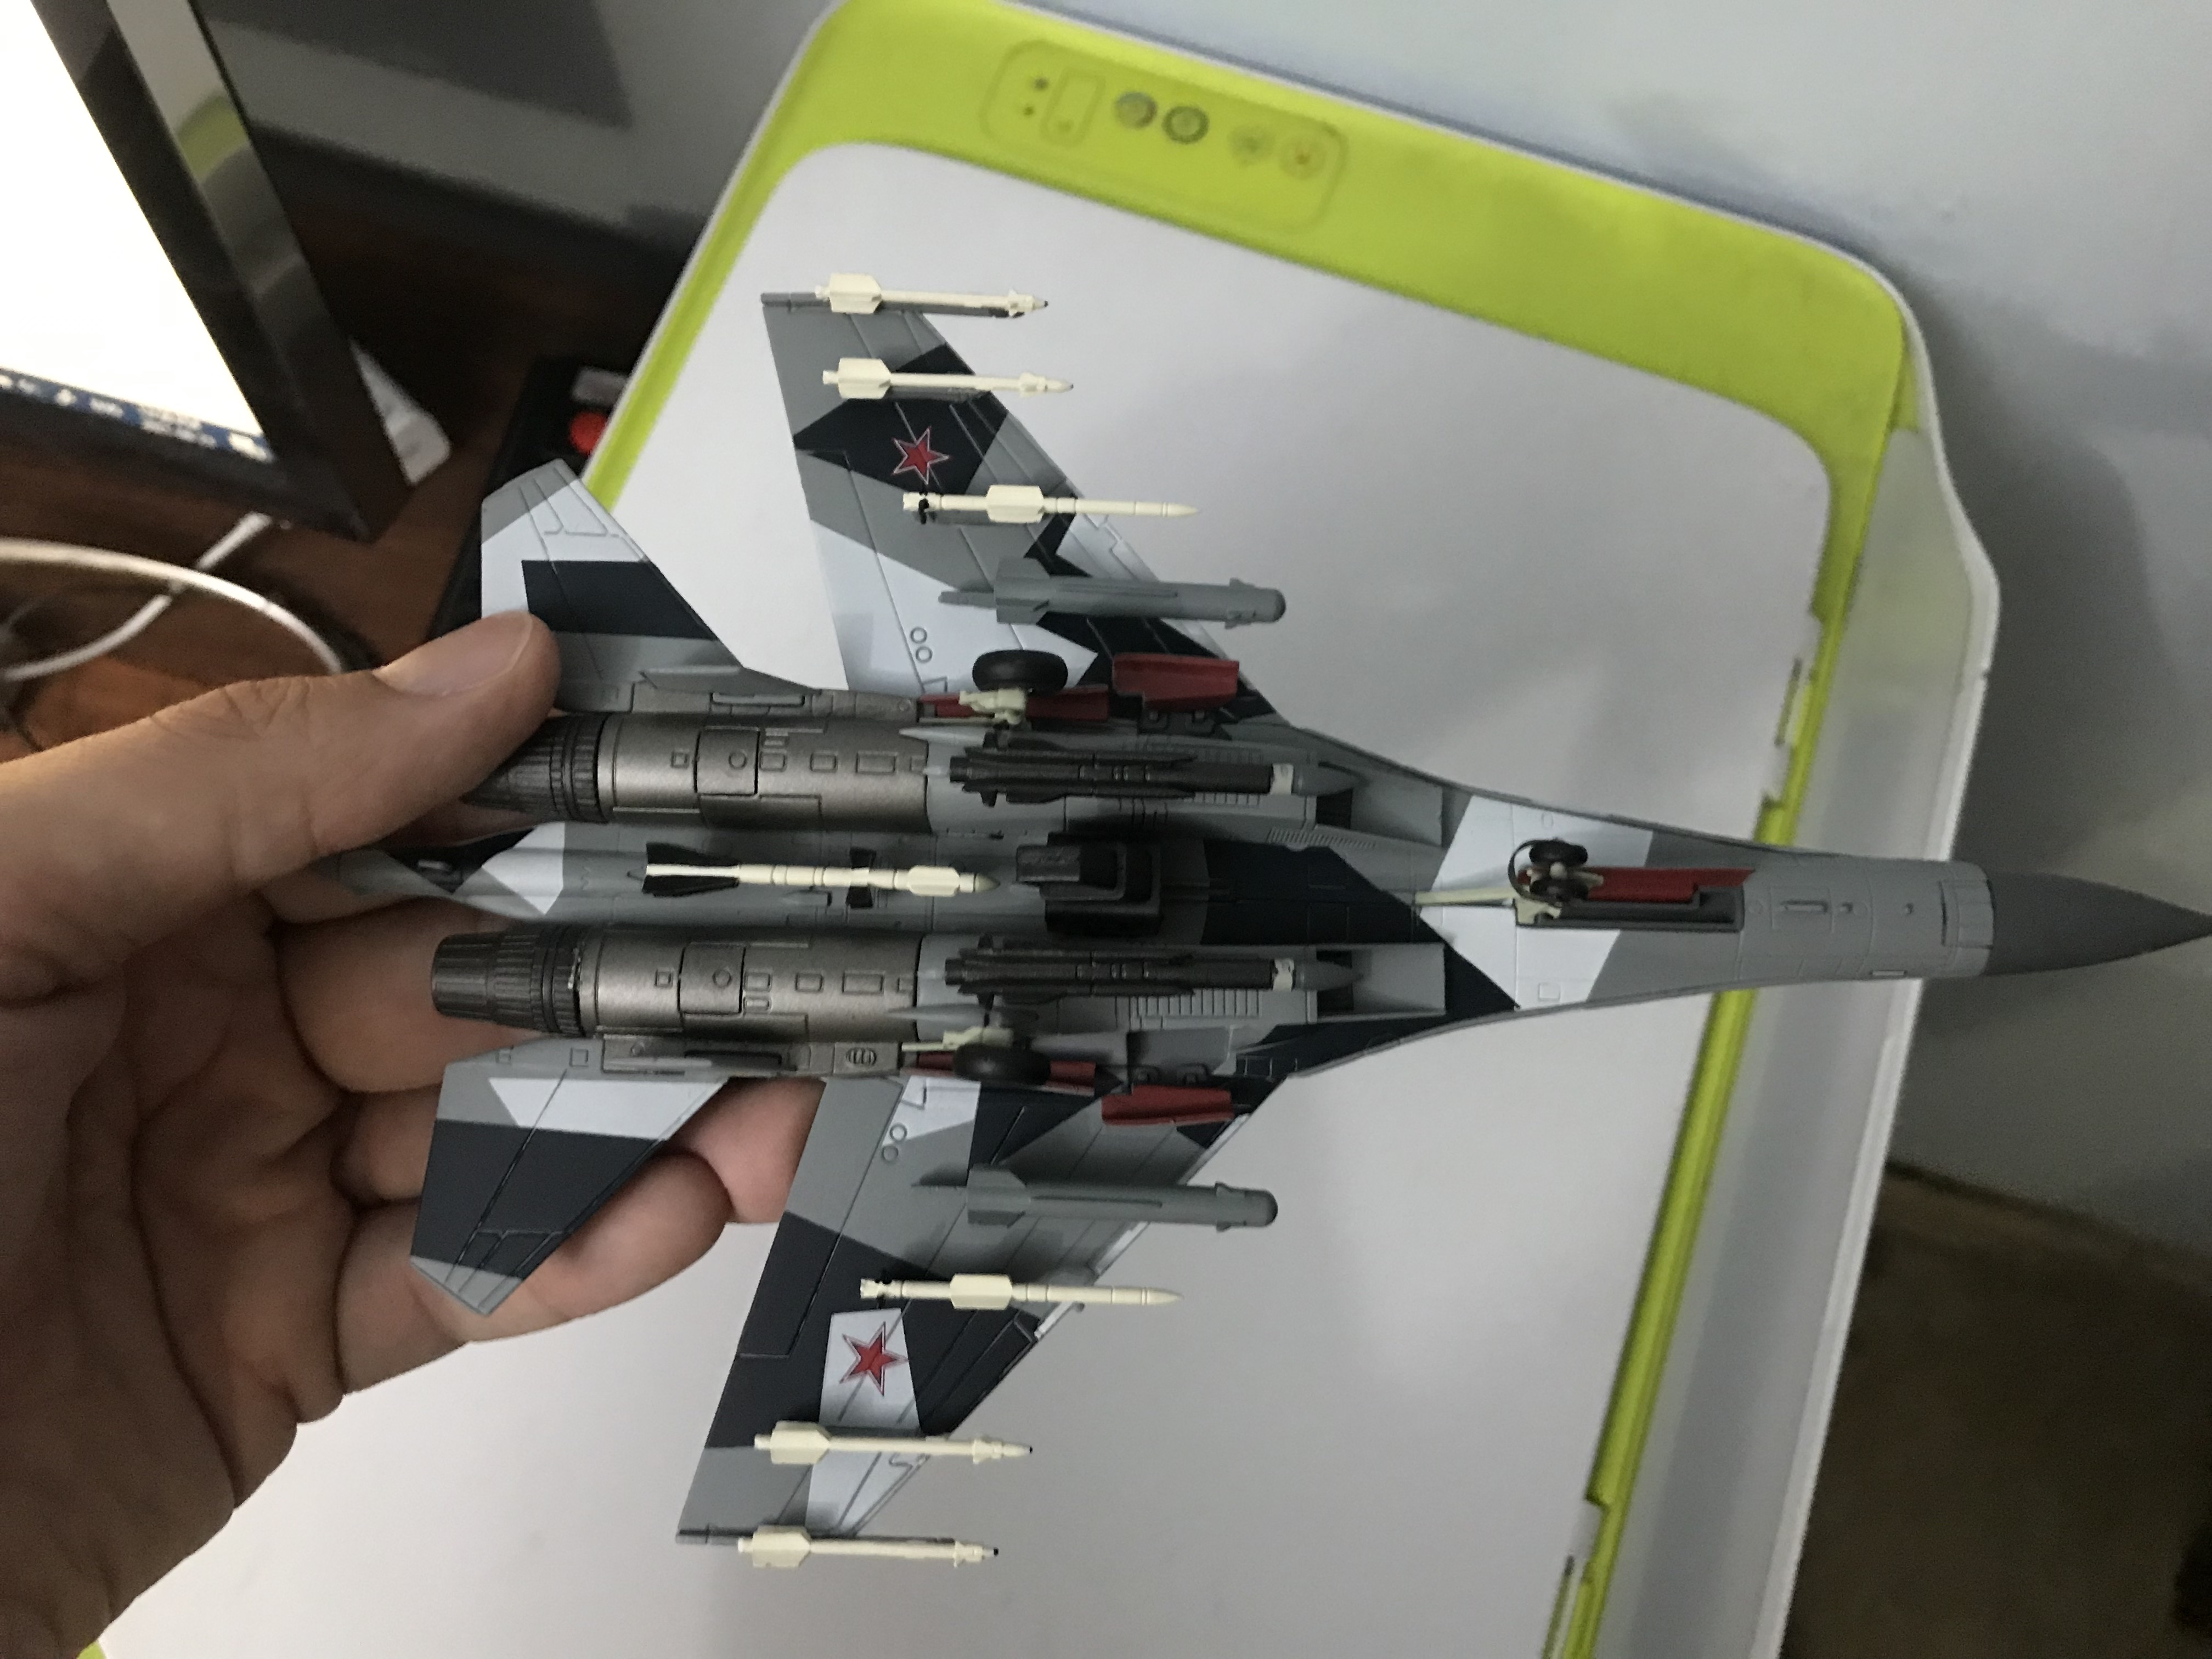 Sukhoi Su-35 Super Flanker